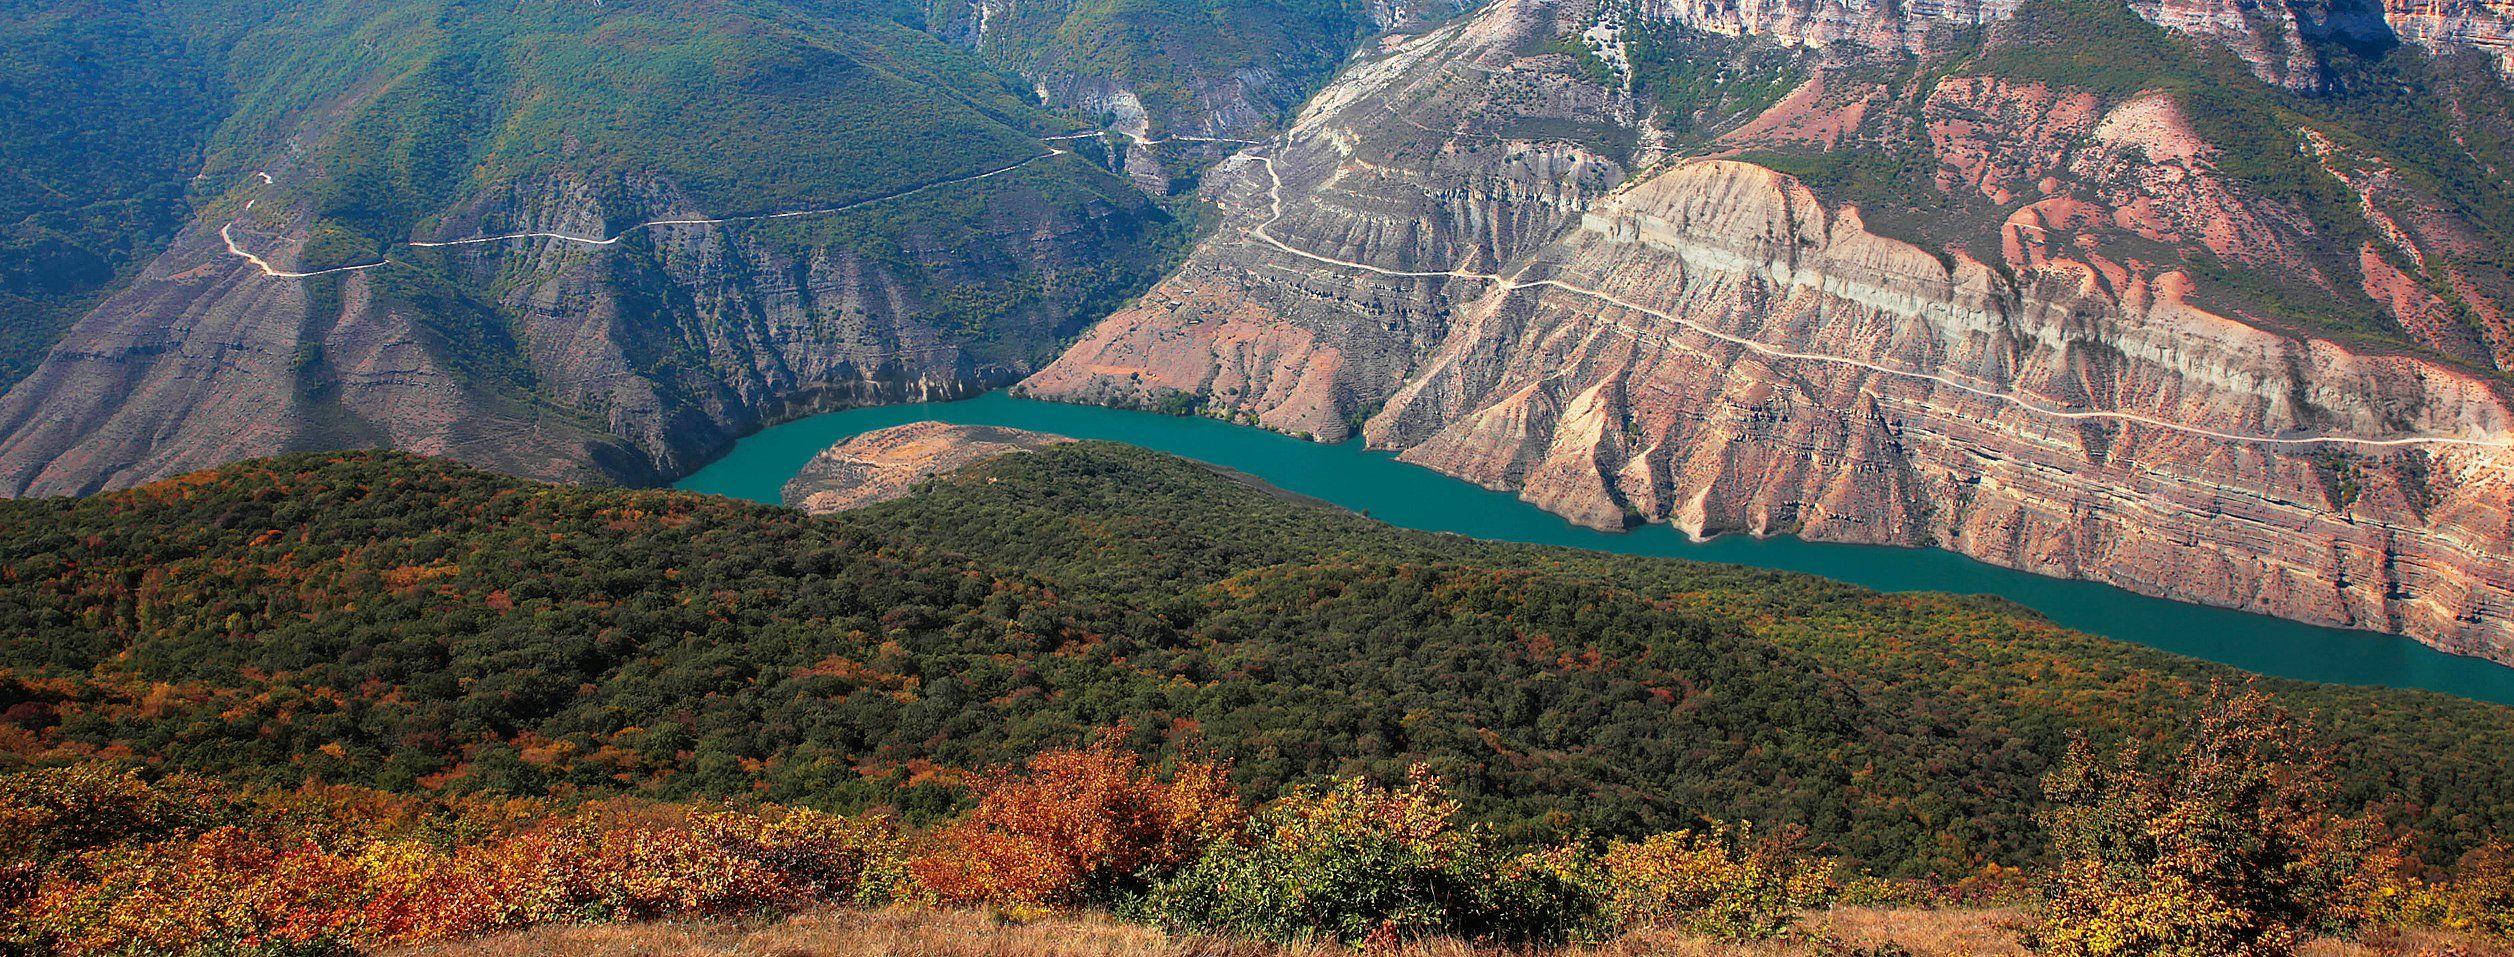 сулакский каньон,горы,река,лето,дагестан., Magov Marat